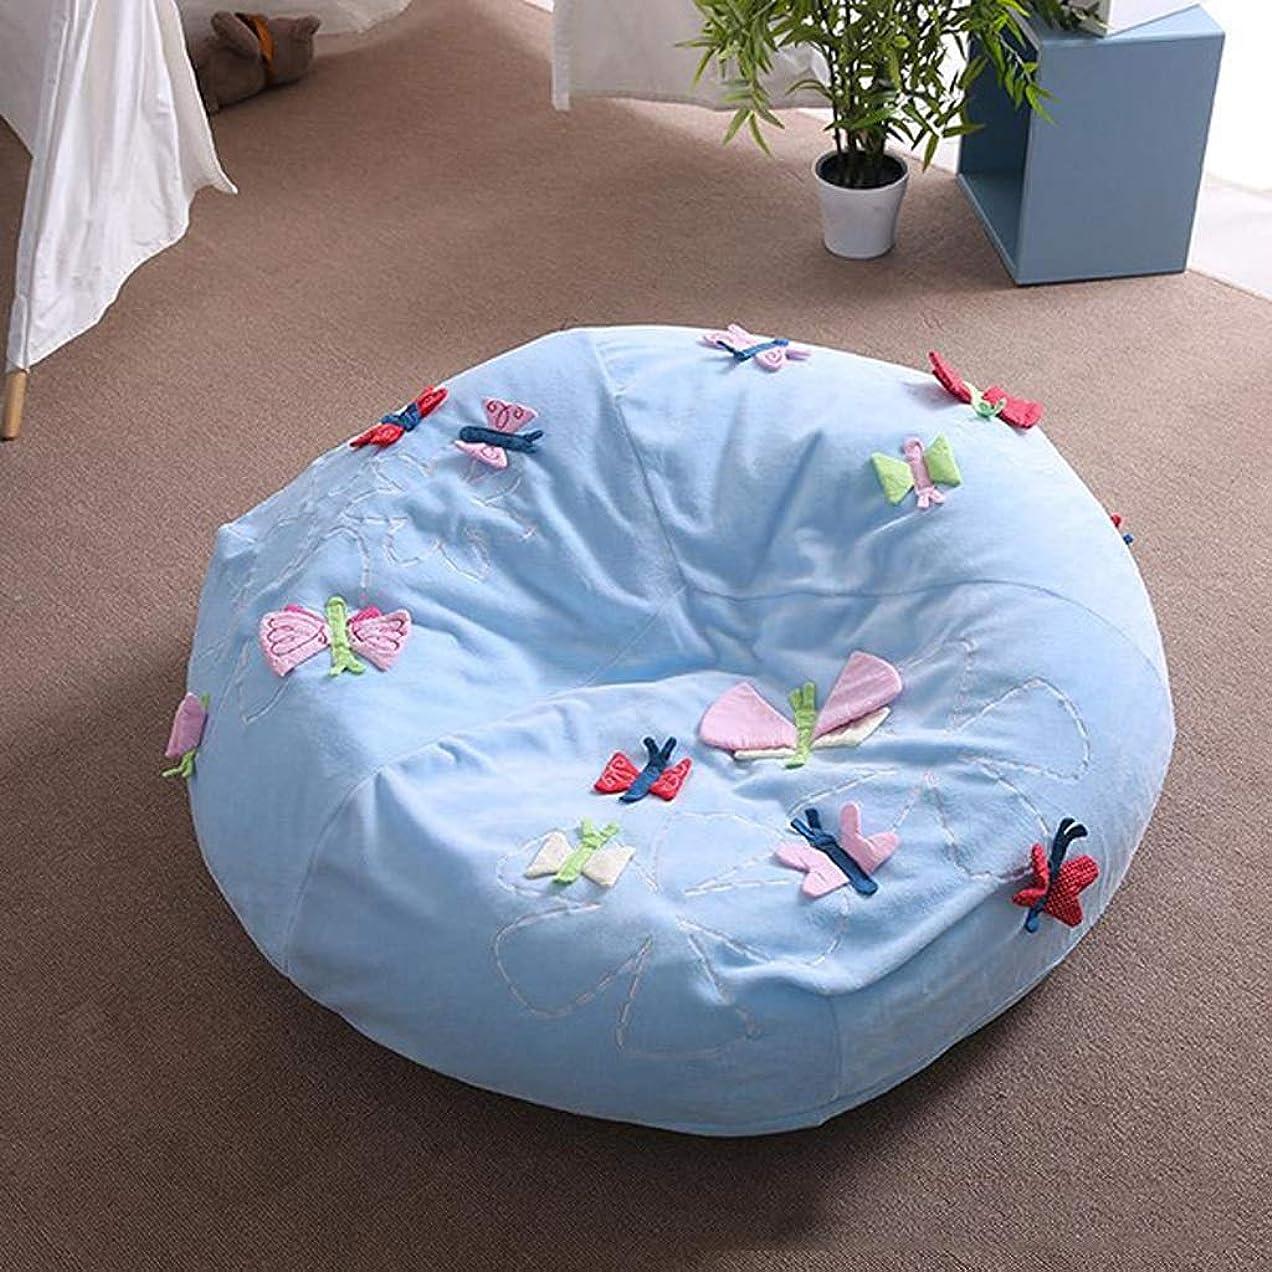 境界移行する国家LWT チェア 怠惰なソファ脱着可能な豆の寝室ベッドルームのソファ怠惰な椅子の子供のソファパーソナリティクリエイティブ (Color : B)